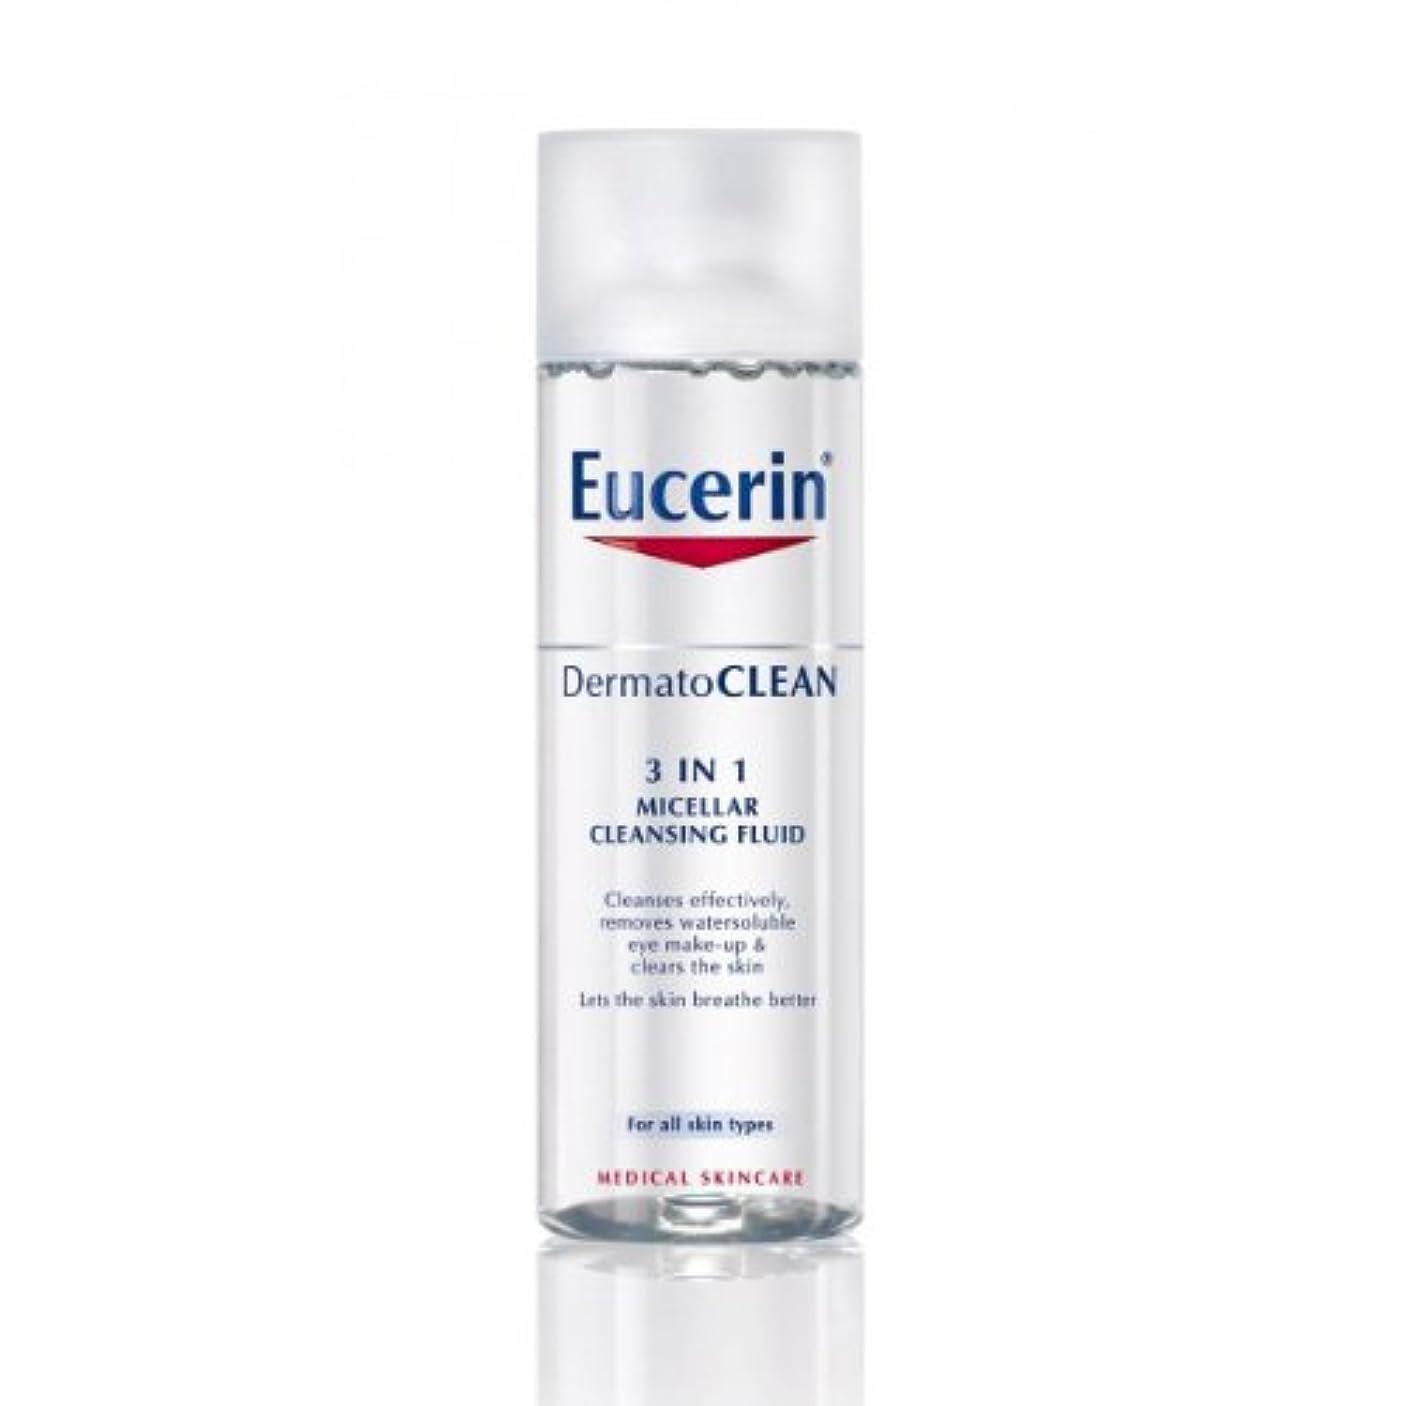 一貫性のないかき混ぜるマウンドEucerin Dermatoclean 3in1 Micellar Cleansing Fluid 200ml [並行輸入品]